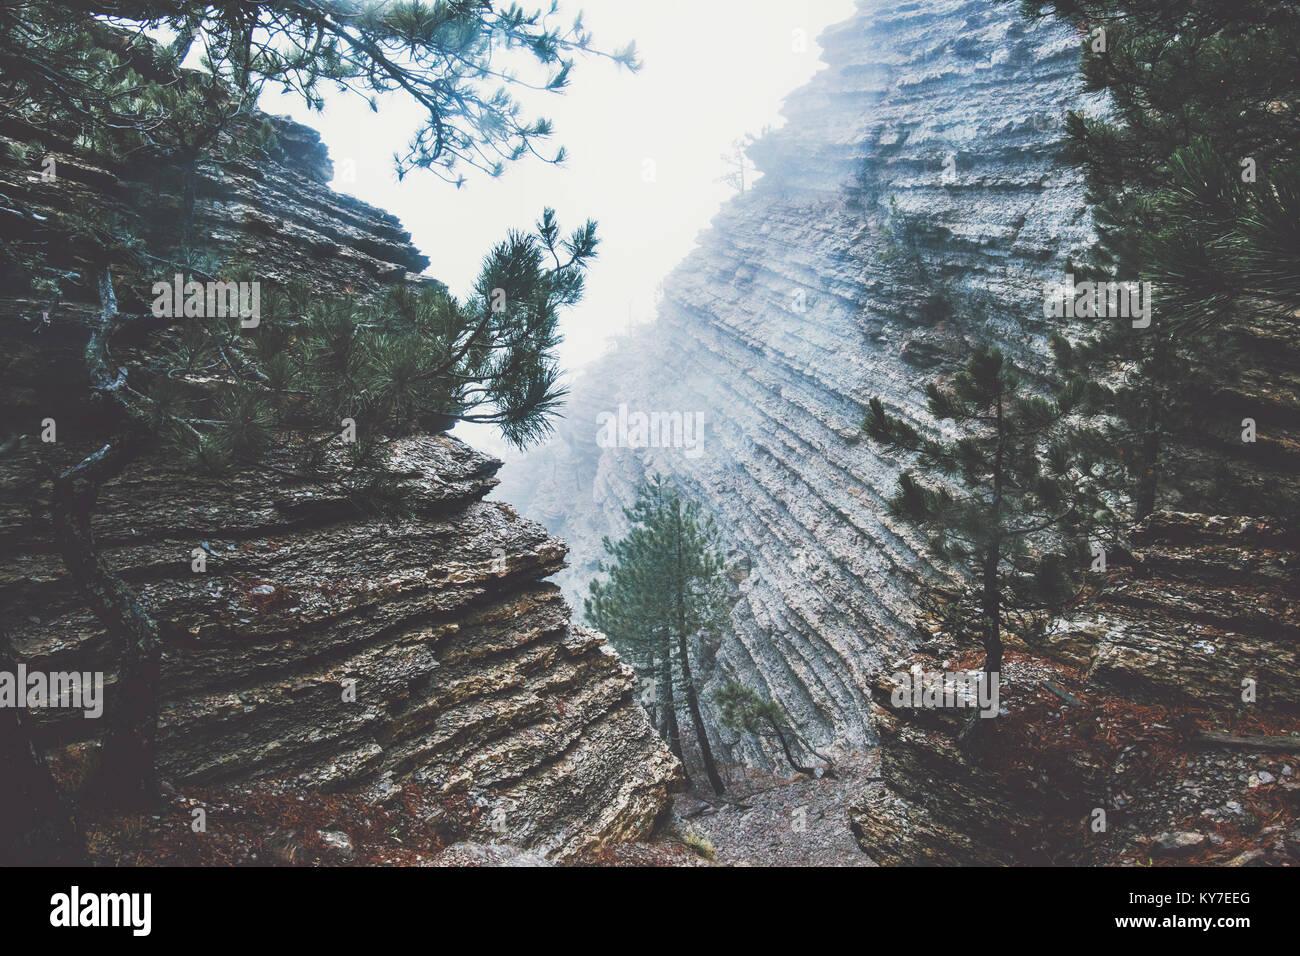 Rocas en bosque neblinoso paisaje escénico viaje vista paisaje sereno día lluvioso Imagen De Stock